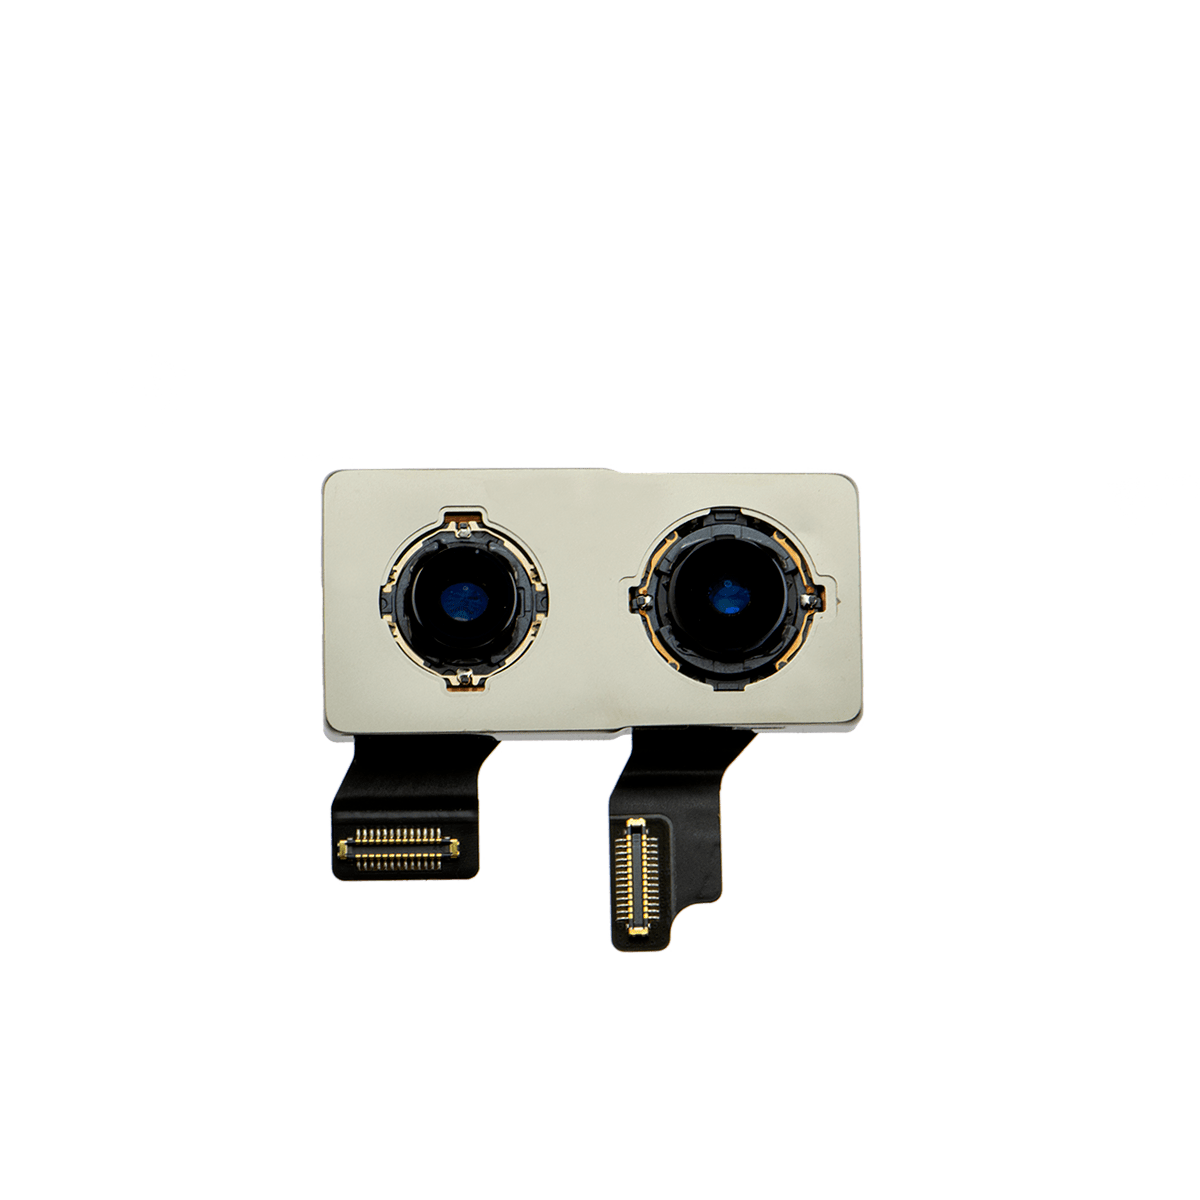 آموزش تعویض دوربین اصلی آیفون ایکس اس اپل